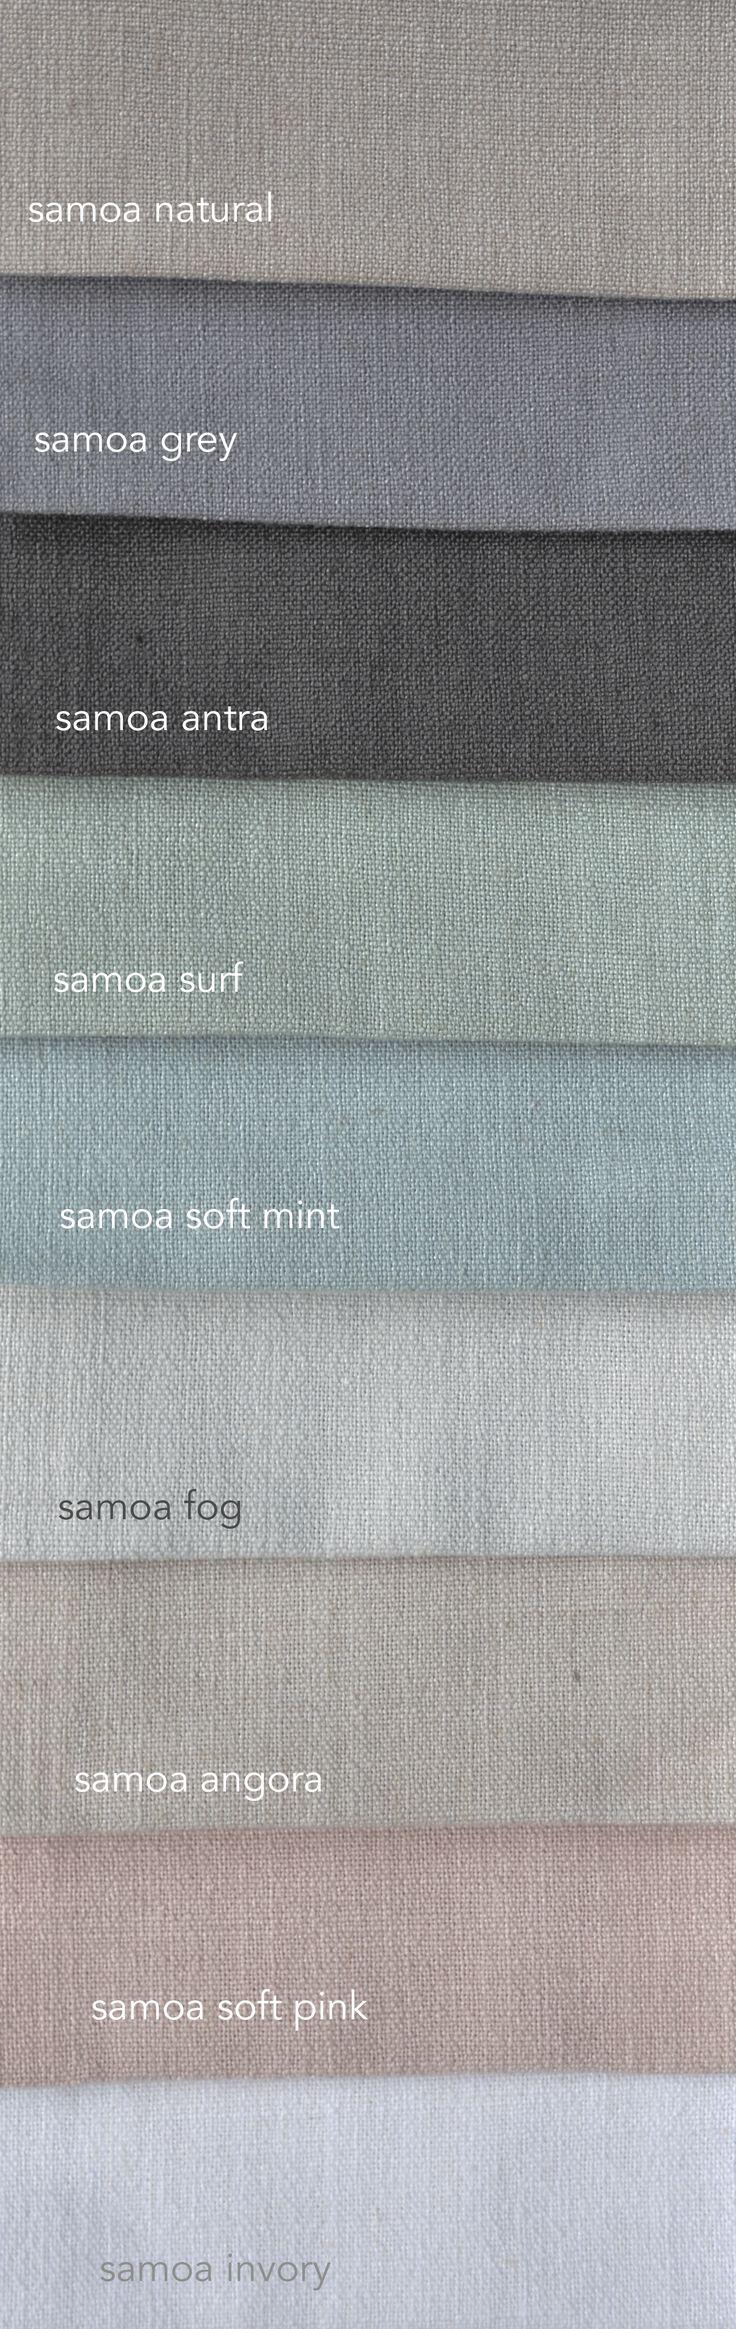 Samoa is een mooie stof met linnen. Daardoor ziet ie er mooi natuurlijk met alle praktische voordelen van polyester. Verkrijgbaar in vele kleuren. Vraag gratis stalen aan...